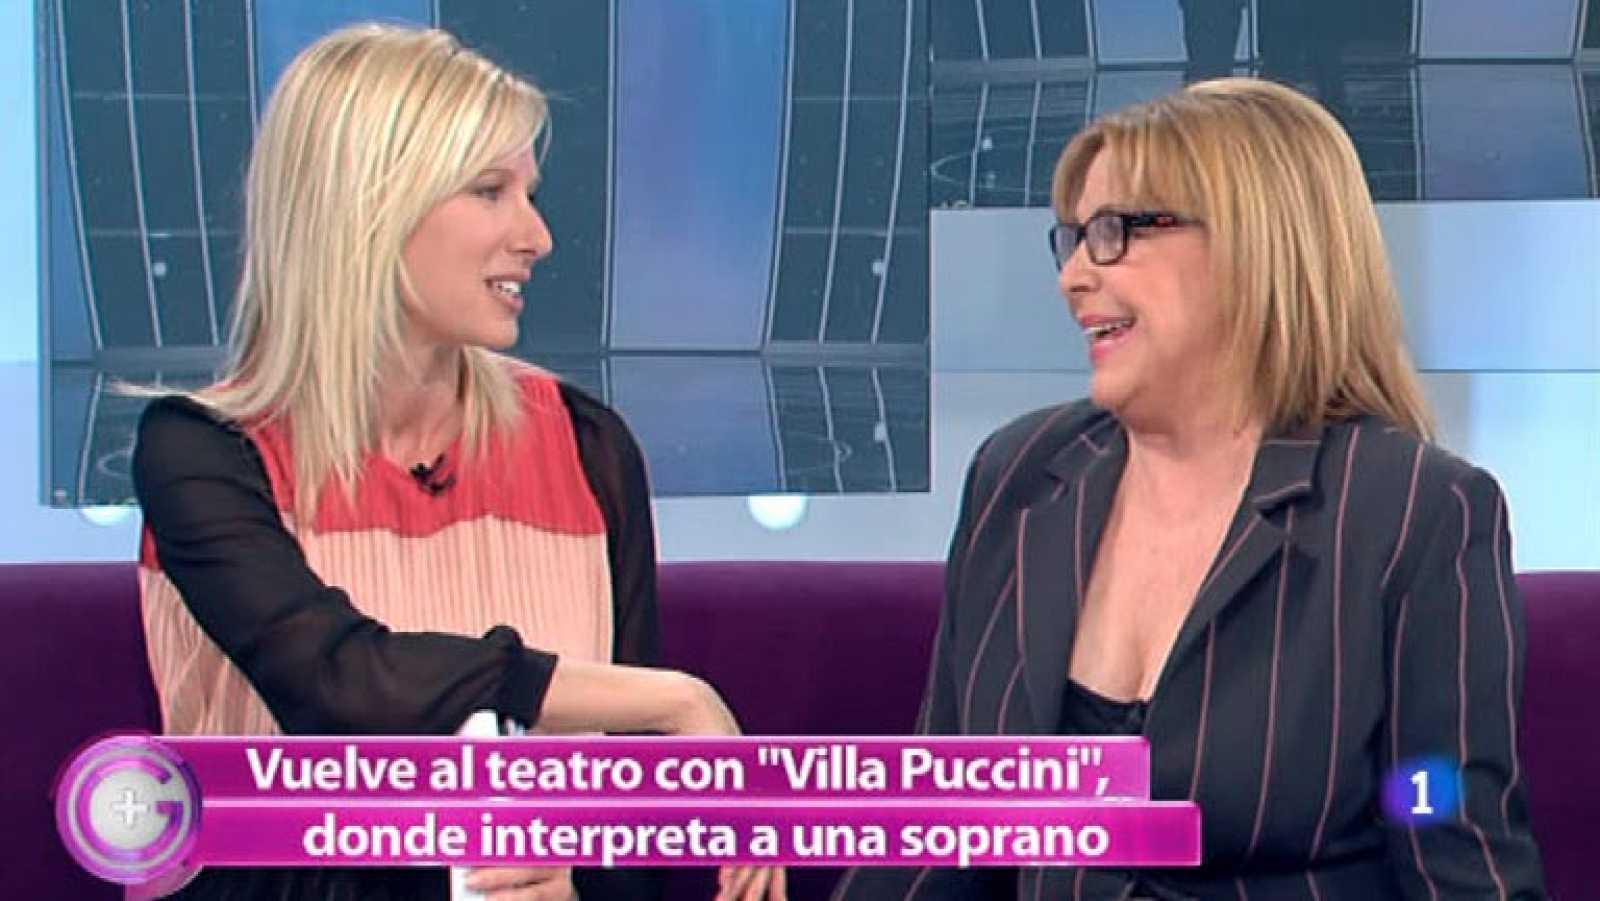 Más Gente - María Luisa Merlo encarna a la diva de 'Villa Puccini'